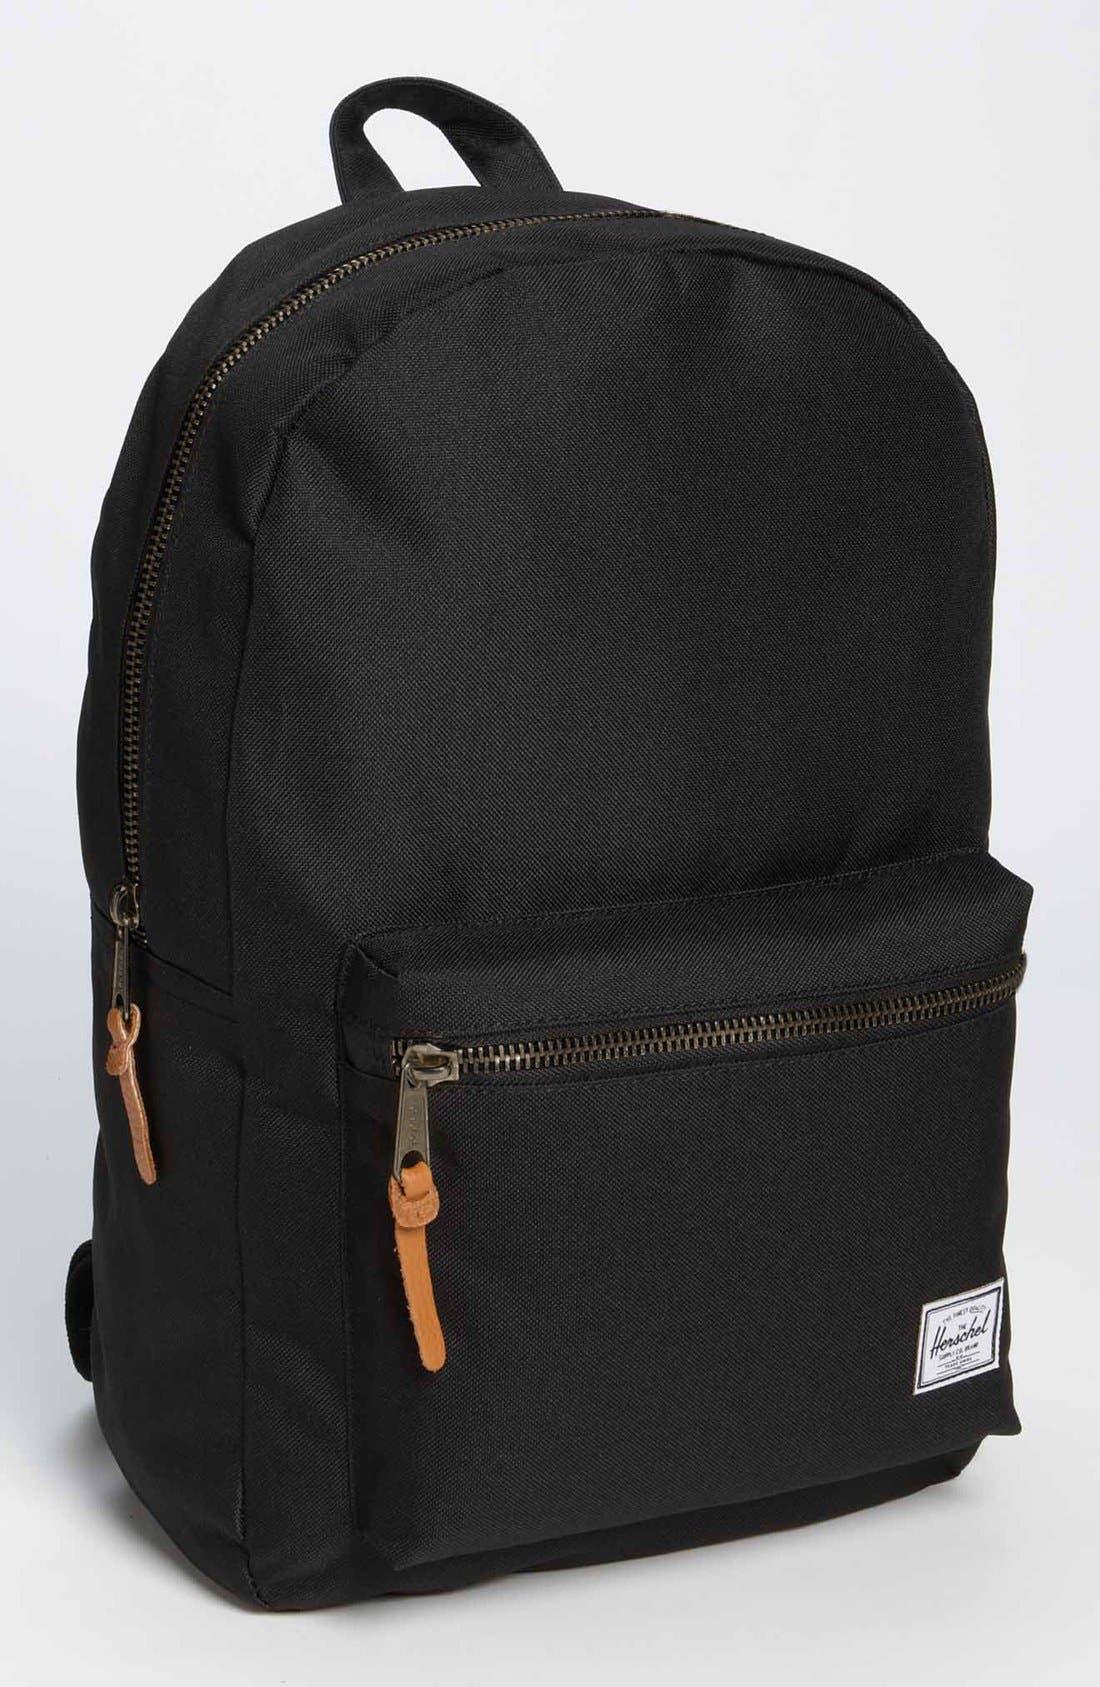 Herschel Supply Co. 'Settlement' Backpack